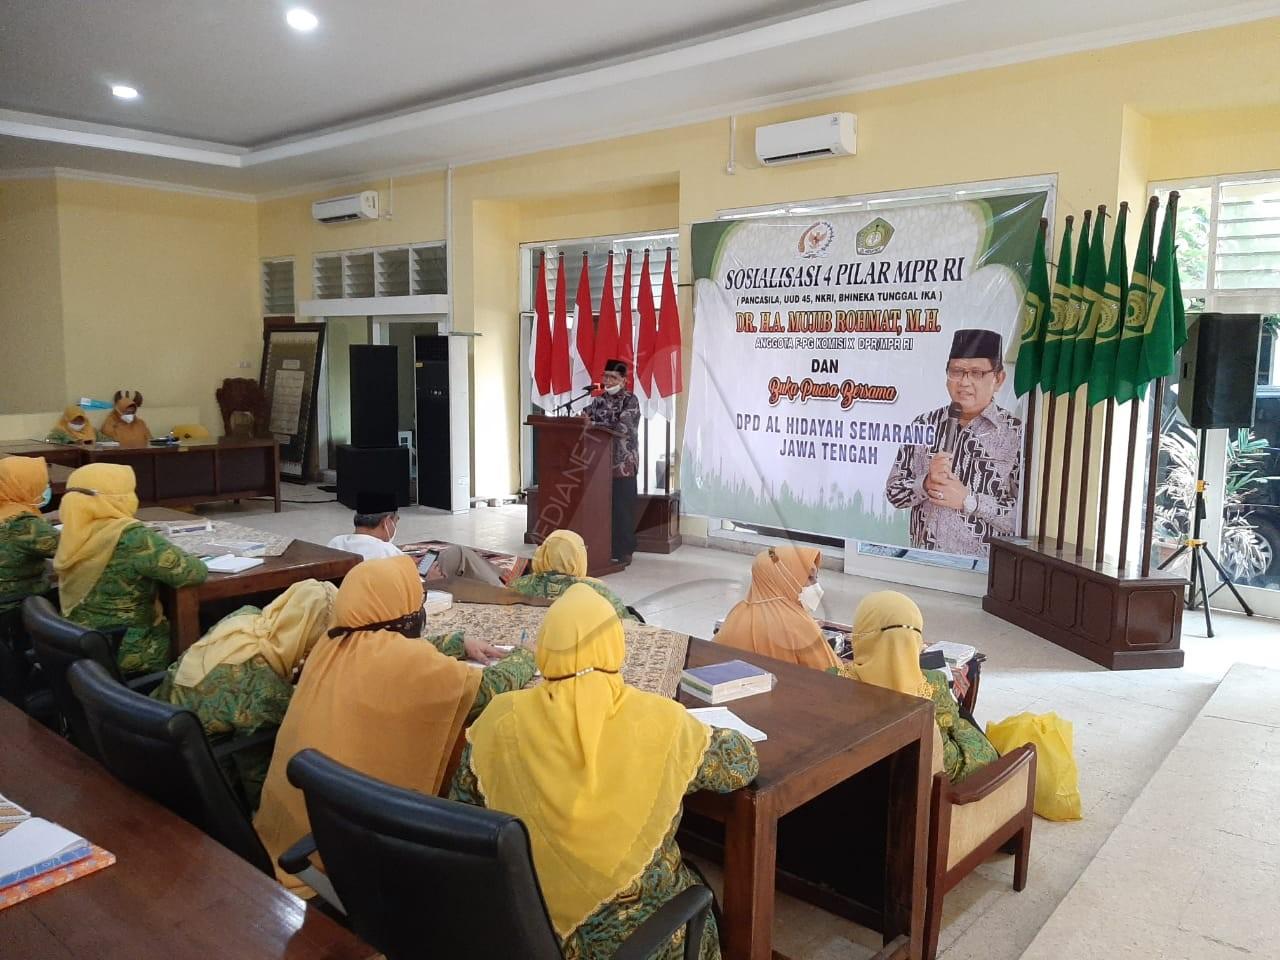 Mujib Rohmat Gandeng Emak-Emak Pengajian Al-Hidayah Jateng Sosialisasikan Pancasila